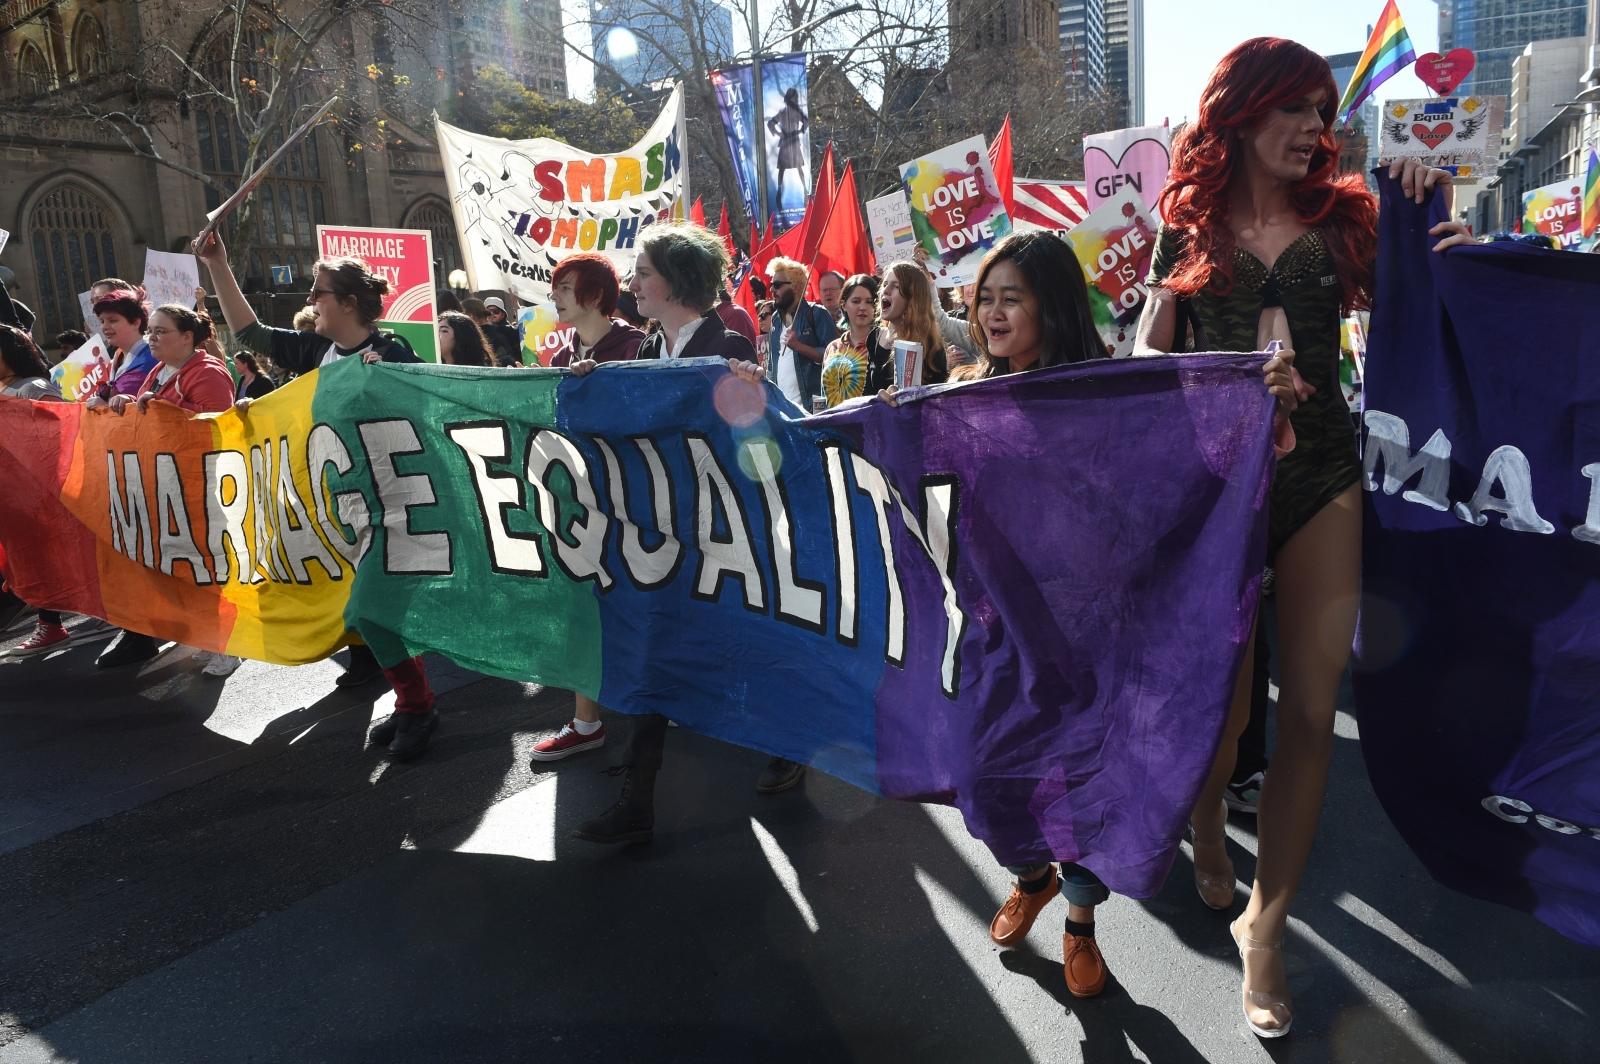 Australia same sex marriage